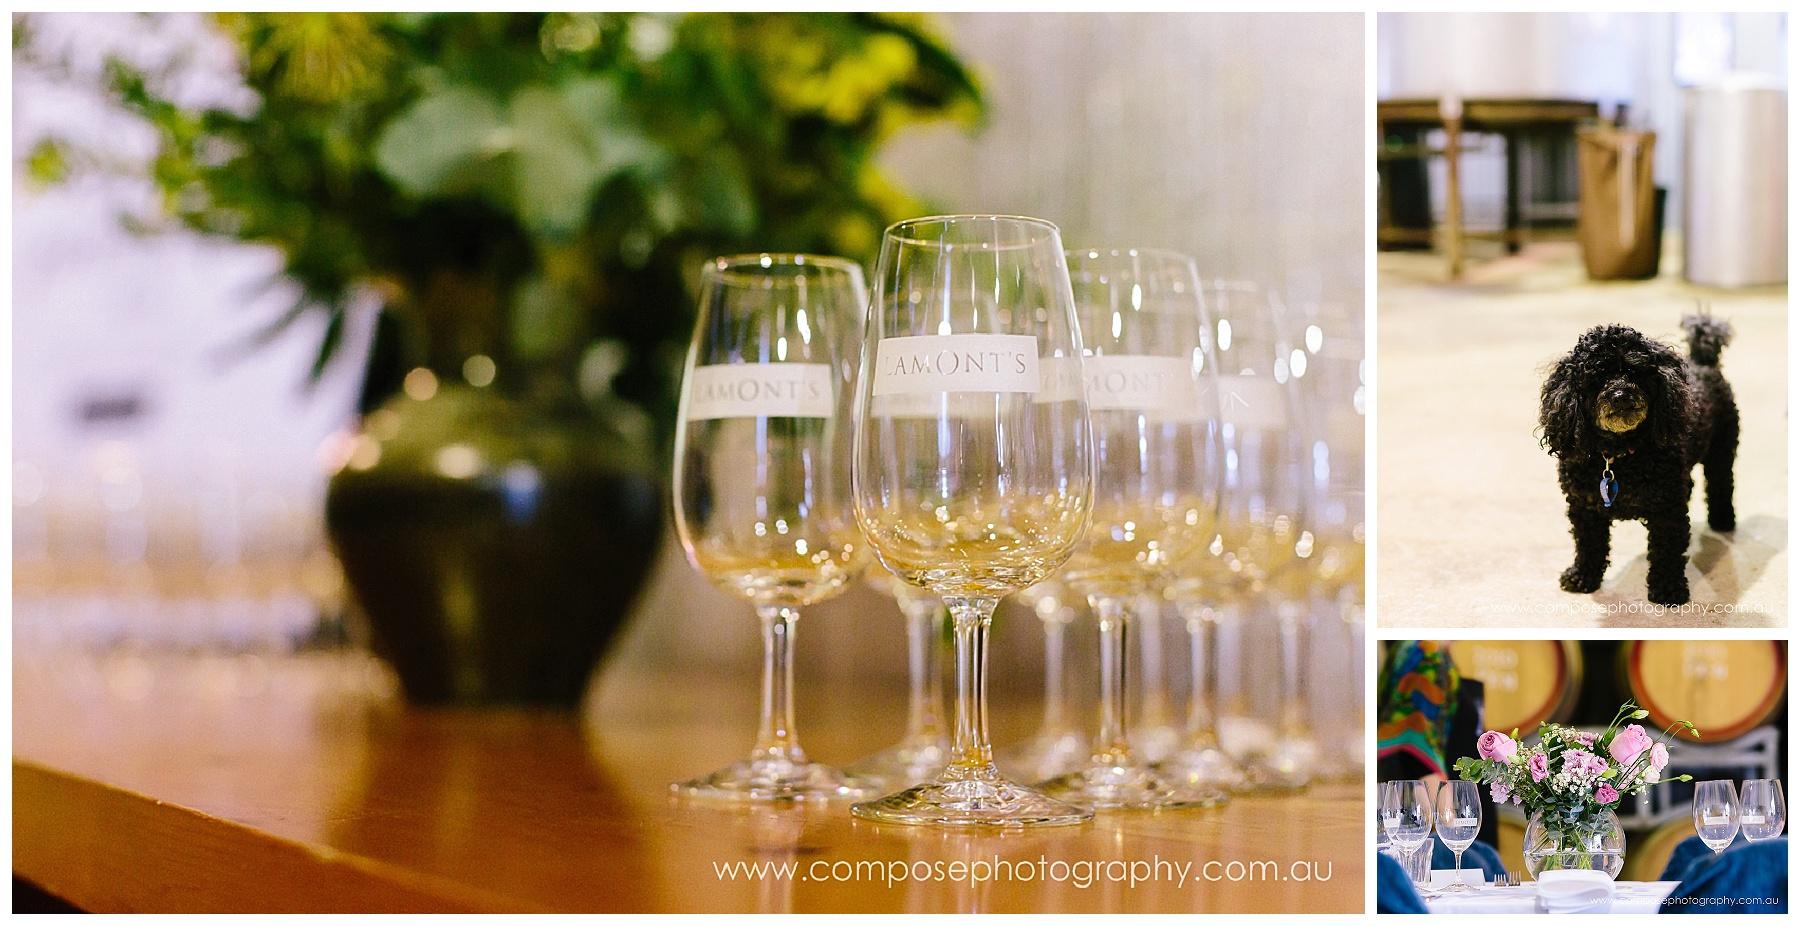 Lamonts wine